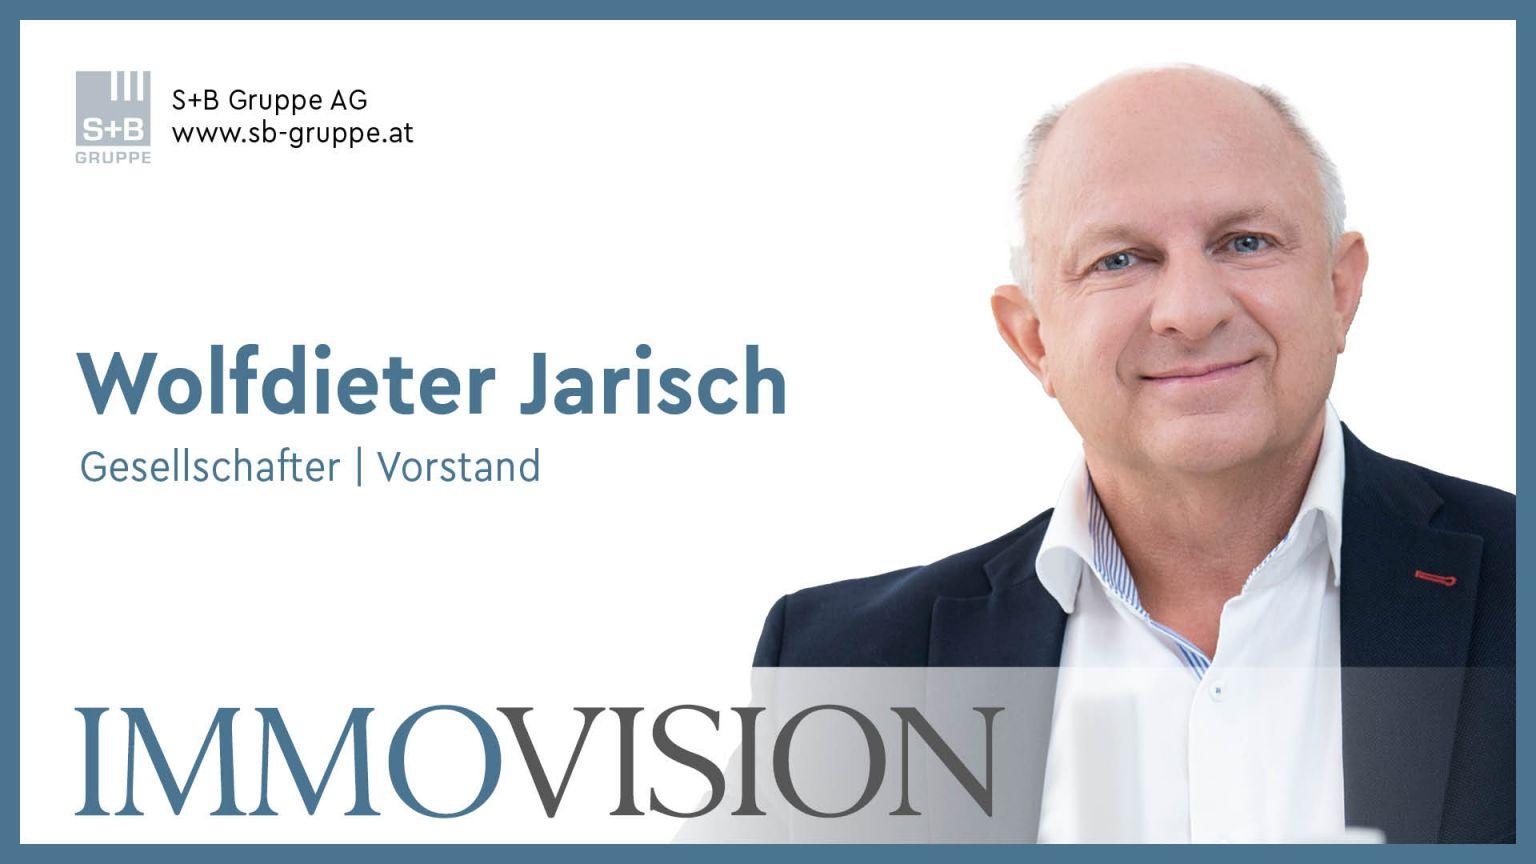 Wolfdieter Jarisch